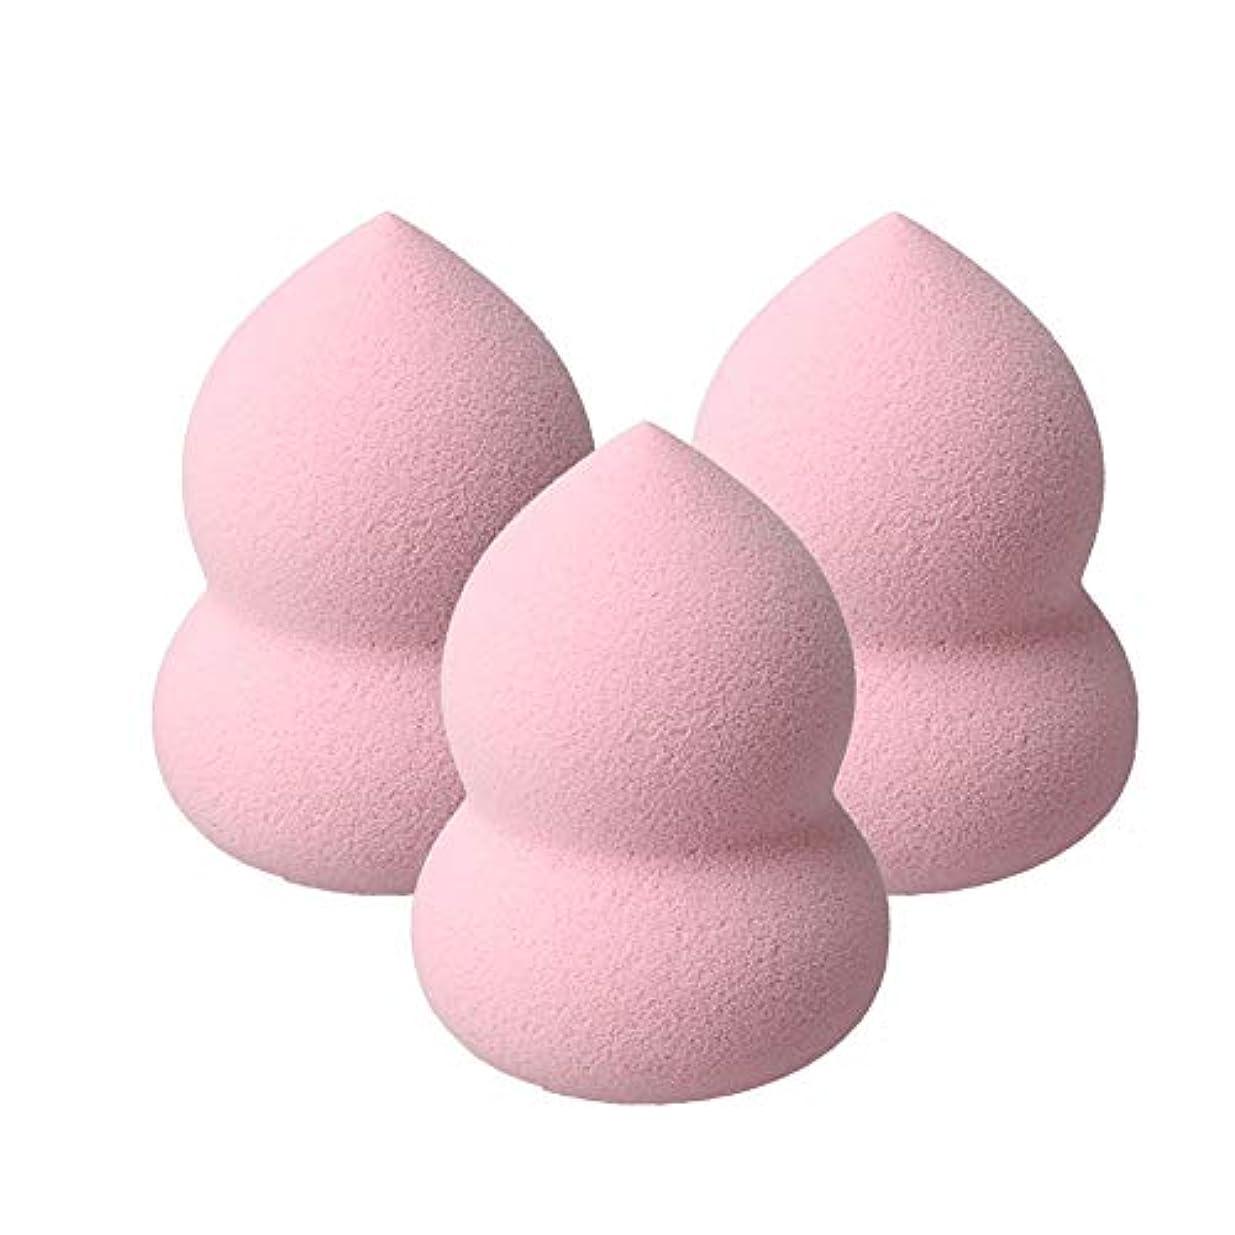 ツール喪ばかげているKaittyoffice 3個入 メイクスポンジ ひょうたん型 化粧パフ ファンデーション BBクリーム もちもち ピンク